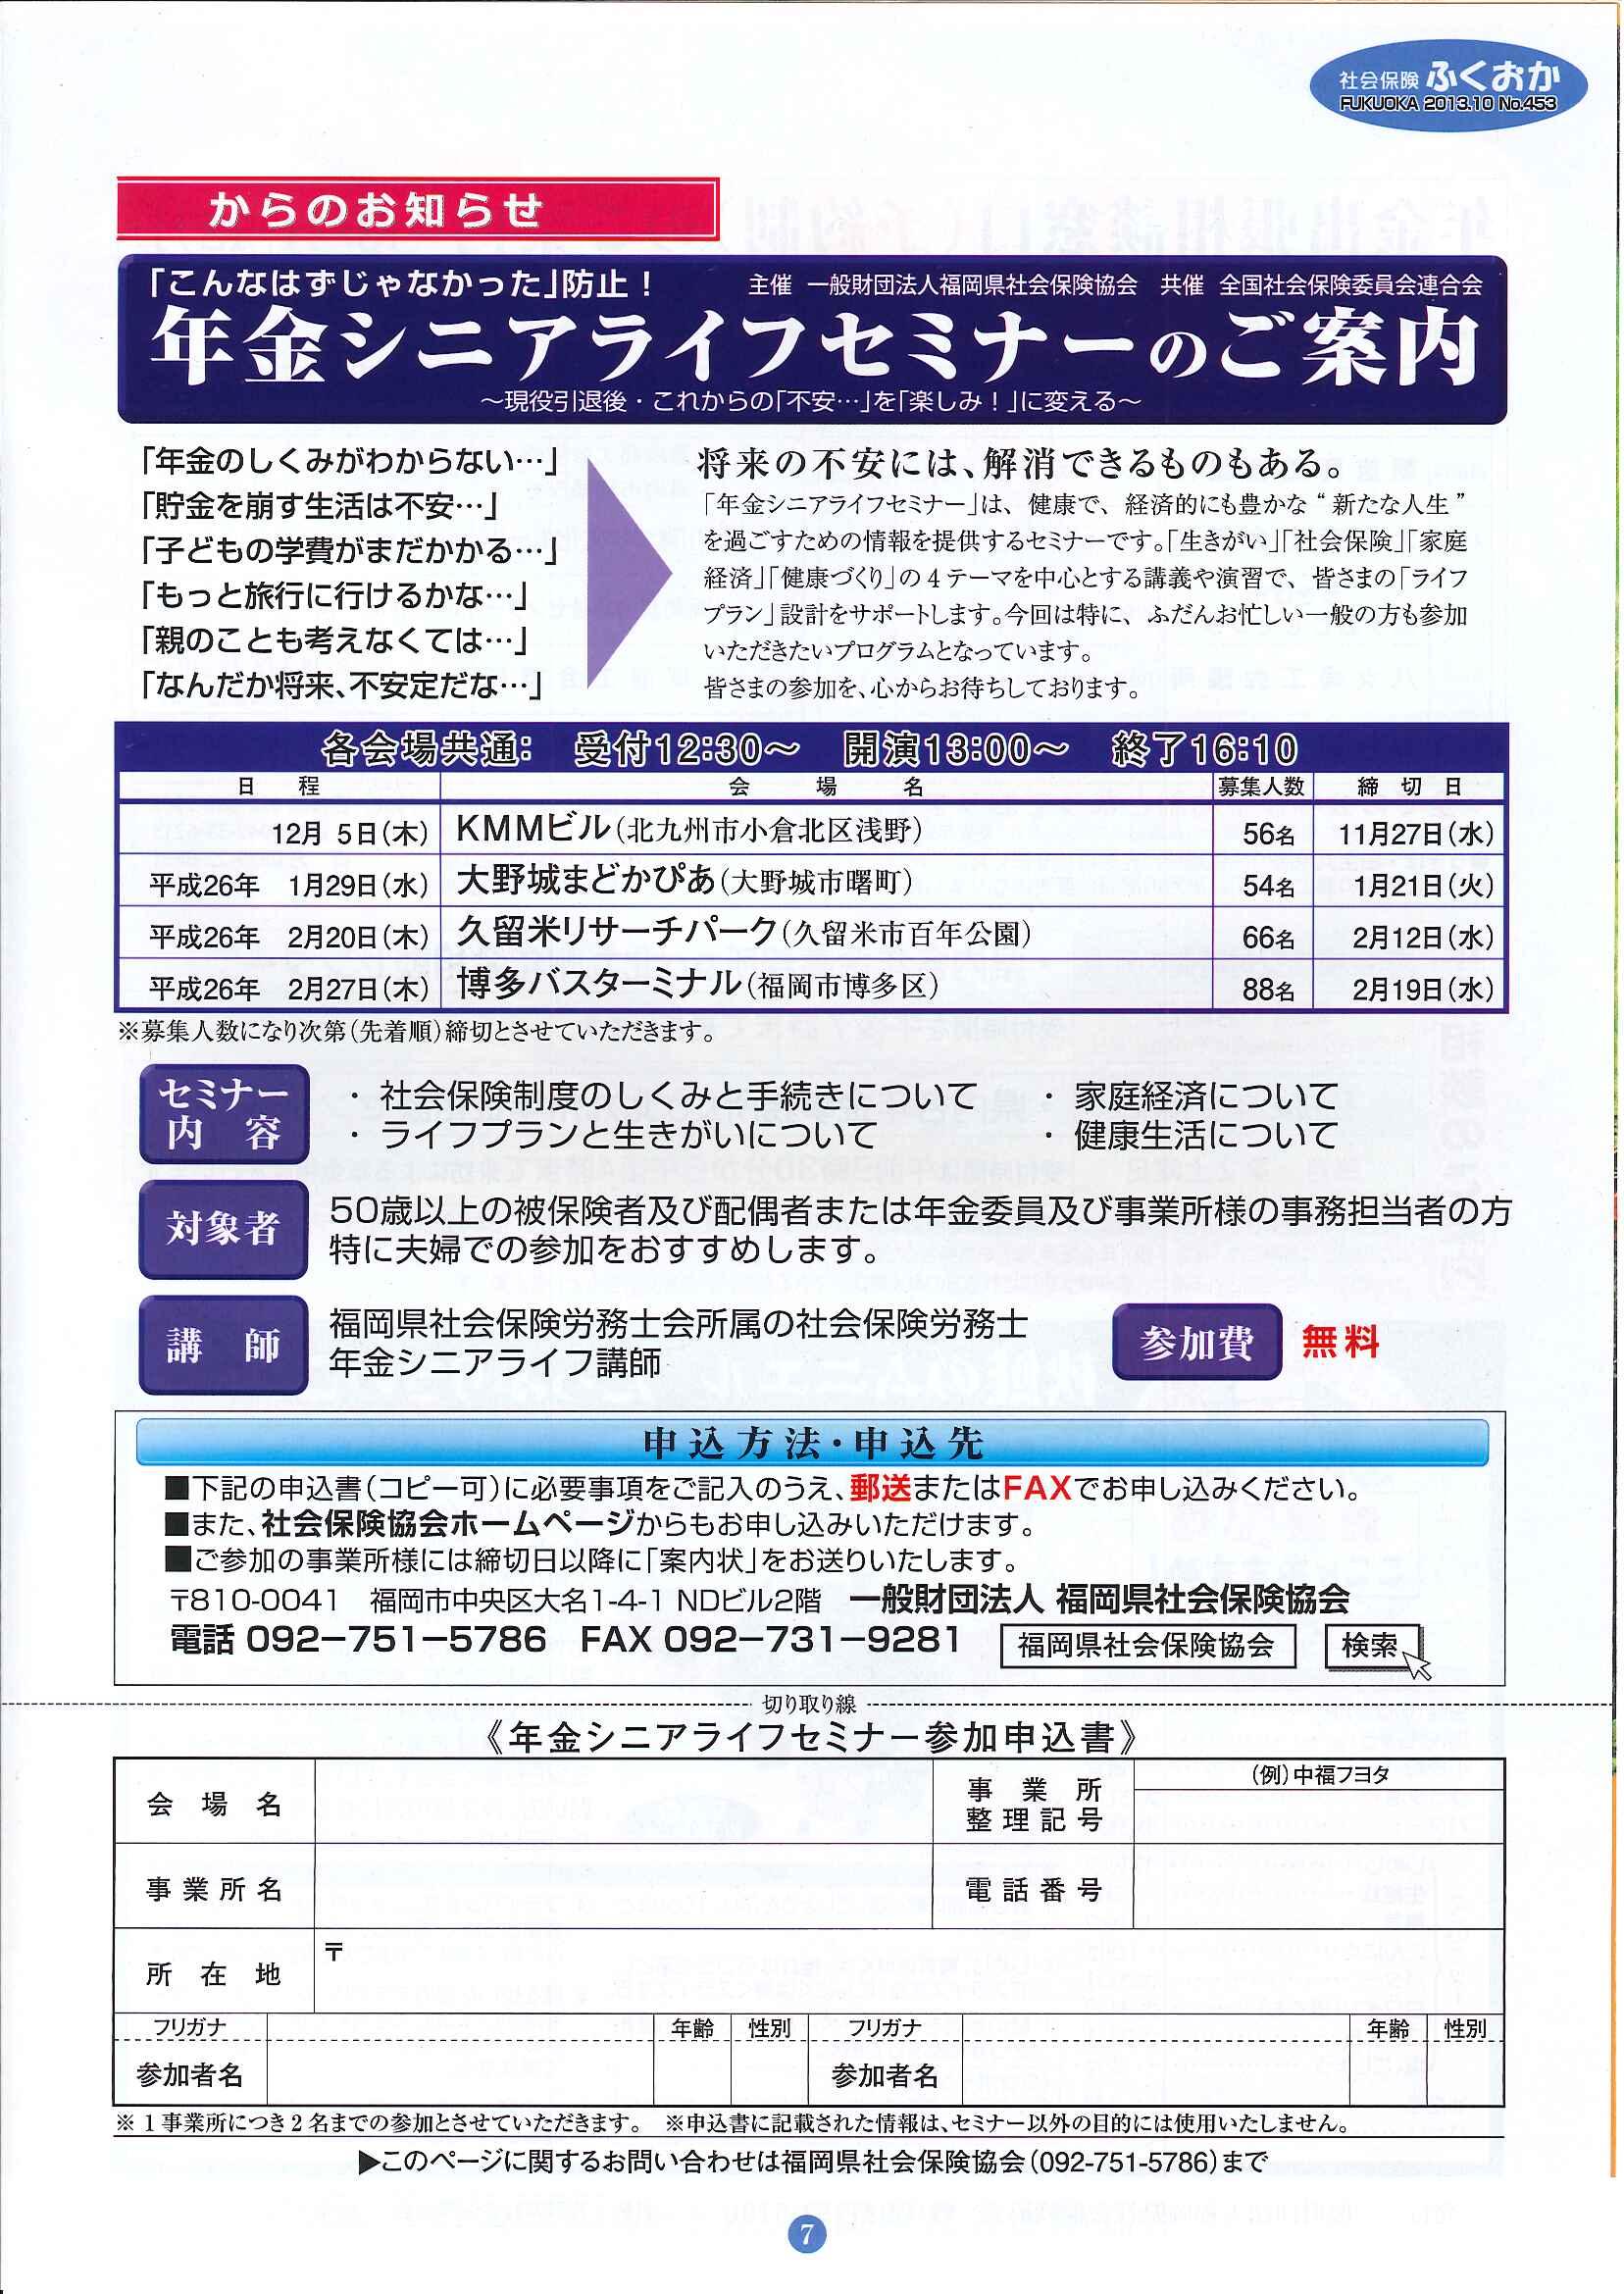 社会保険 ふくおか 2013年 10月号_f0120774_1505449.jpg